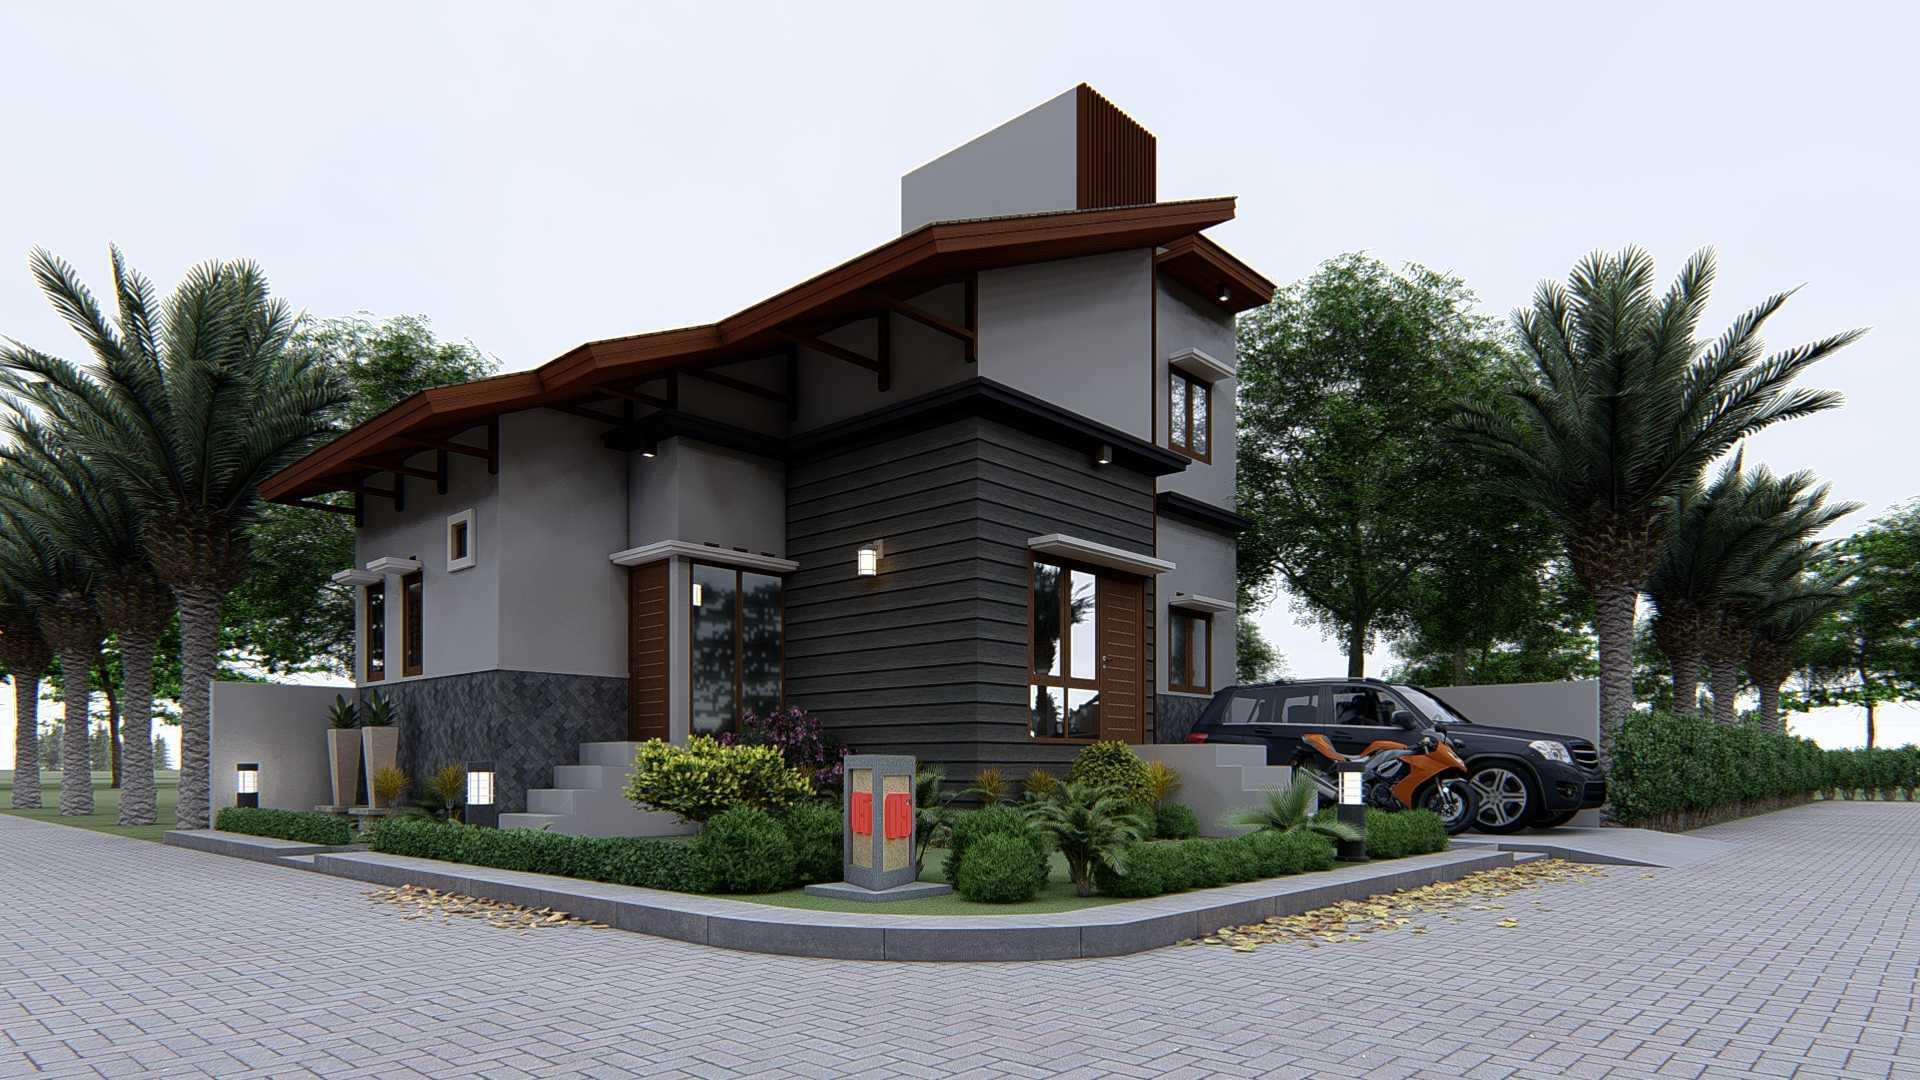 Artha Architect Rumah Di Tanah Hook Bekasi Bekasi, Kota Bks, Jawa Barat, Indonesia Bekasi, Kota Bks, Jawa Barat, Indonesia Artha-Solusindo-Rumah-Di-Tanah-Hook-Bekasi  102625